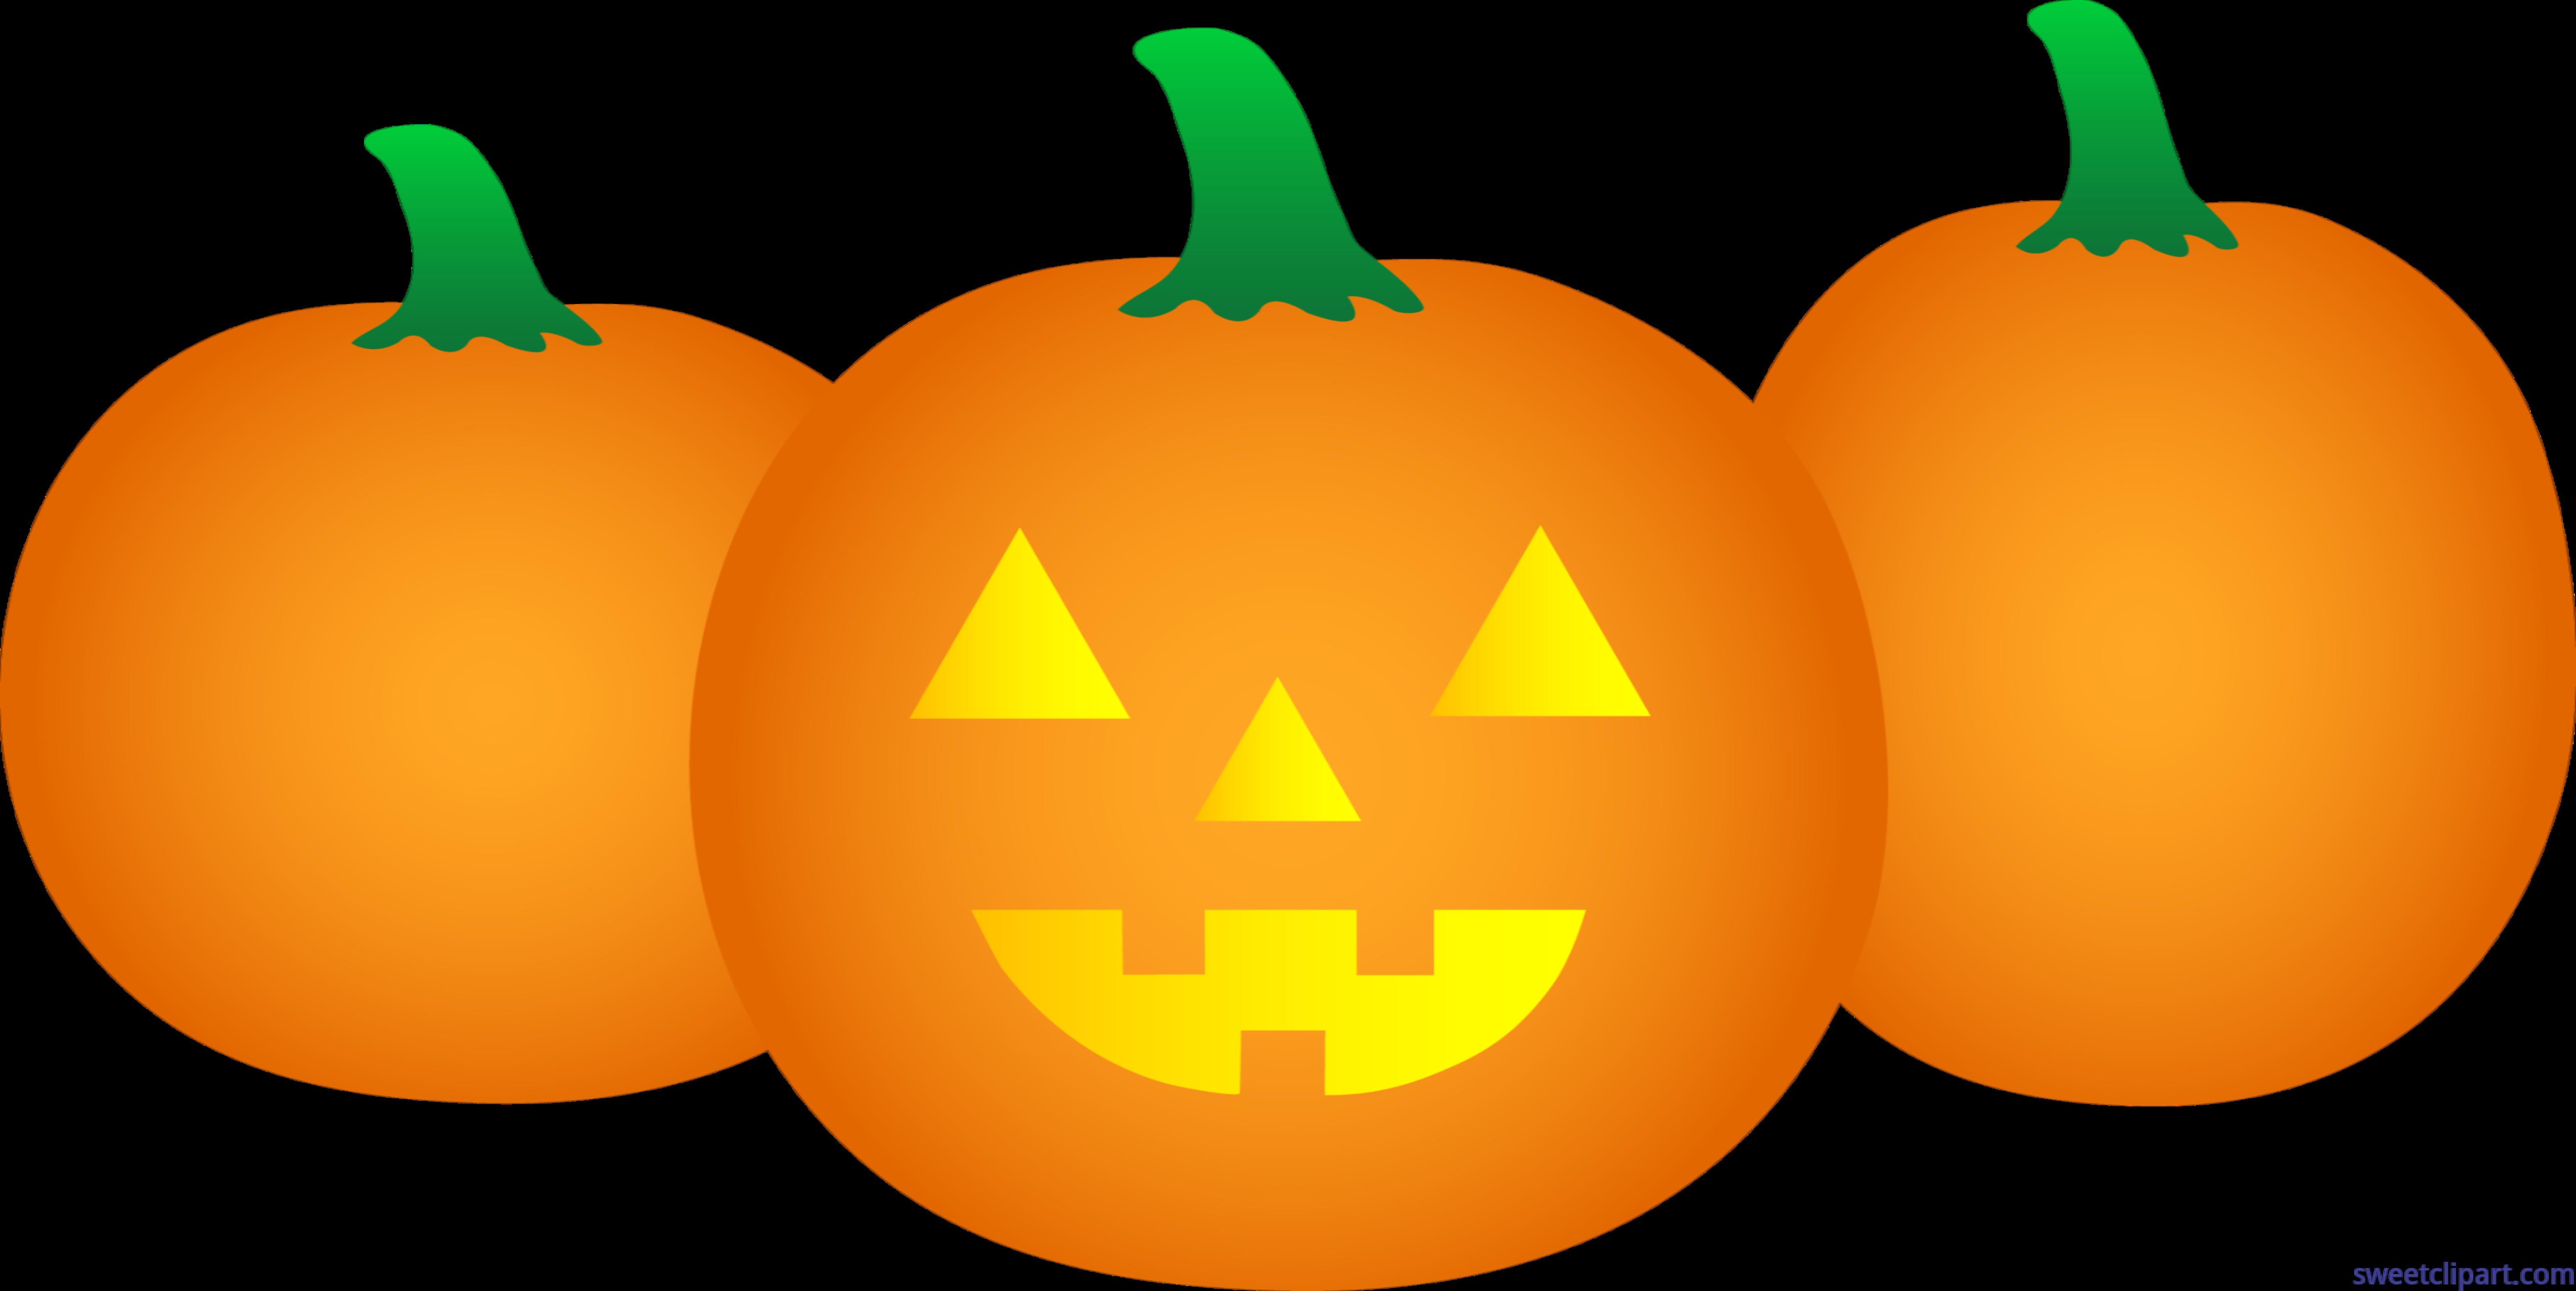 Halloween Pumpkin Images Clip Art.Three Halloween Pumpkins Clip Art Sweet Clip Art